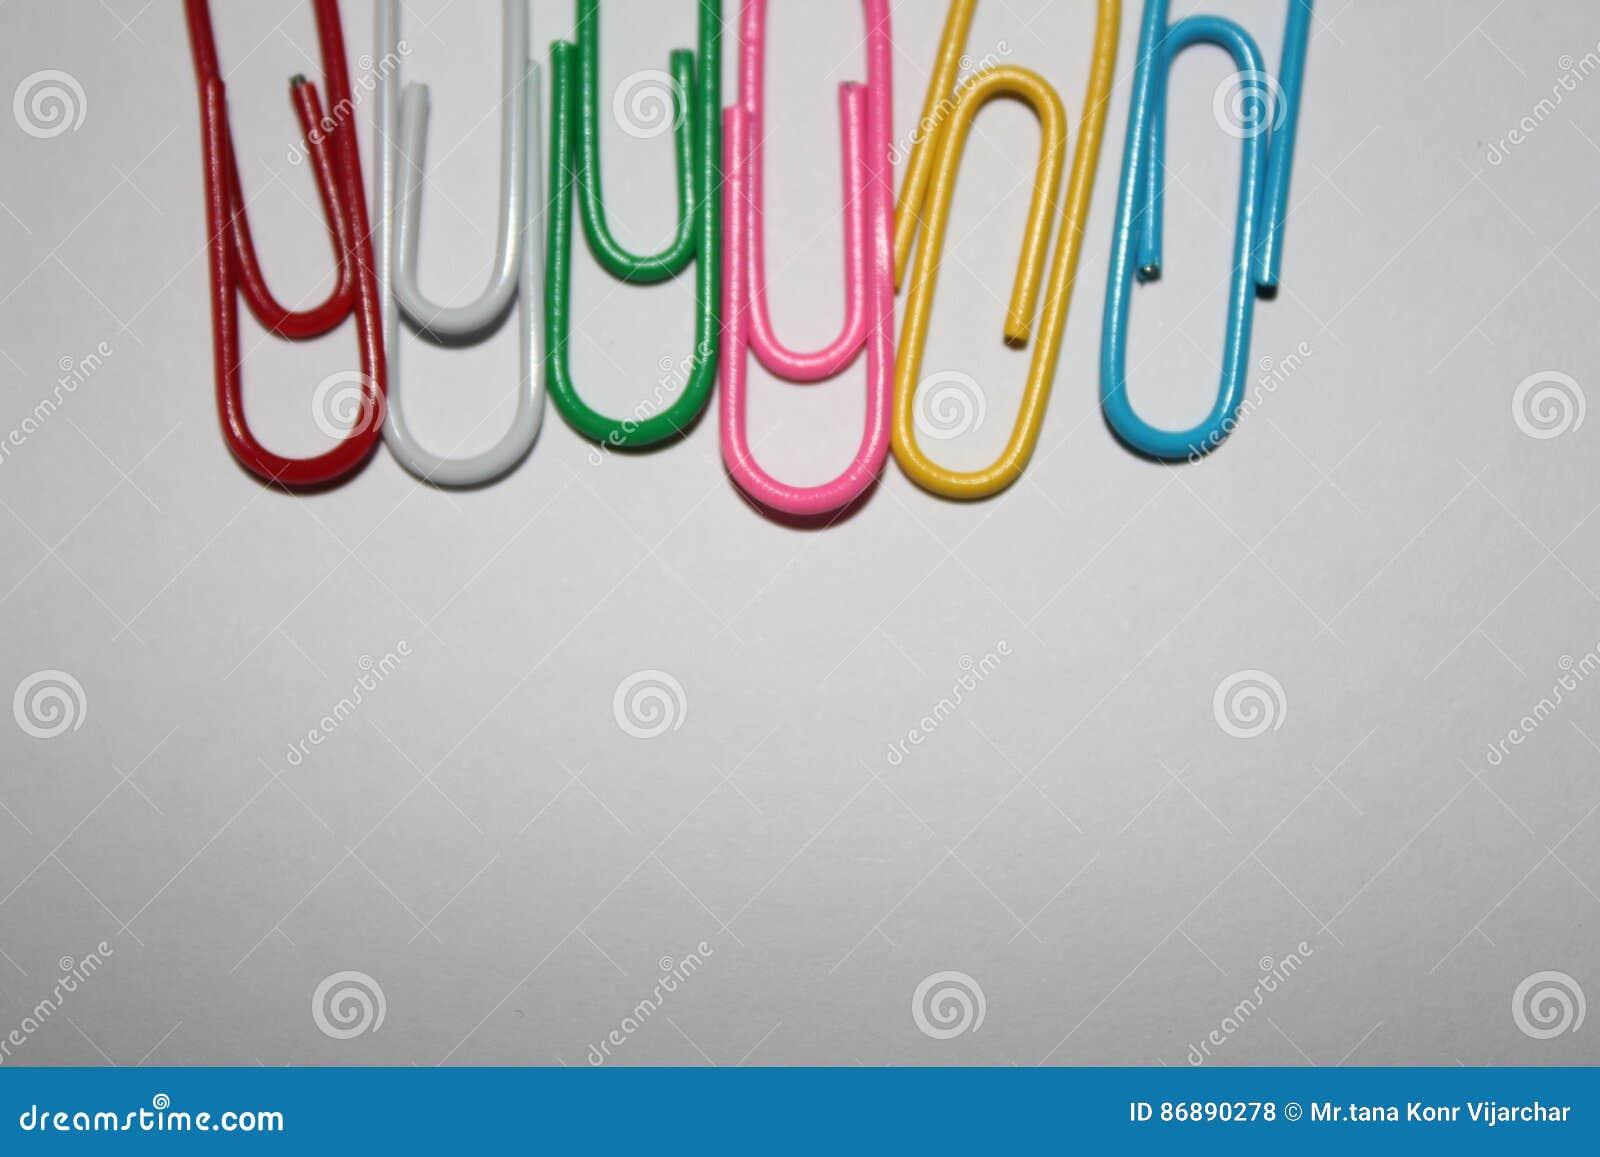 Kleurrijke paperclips